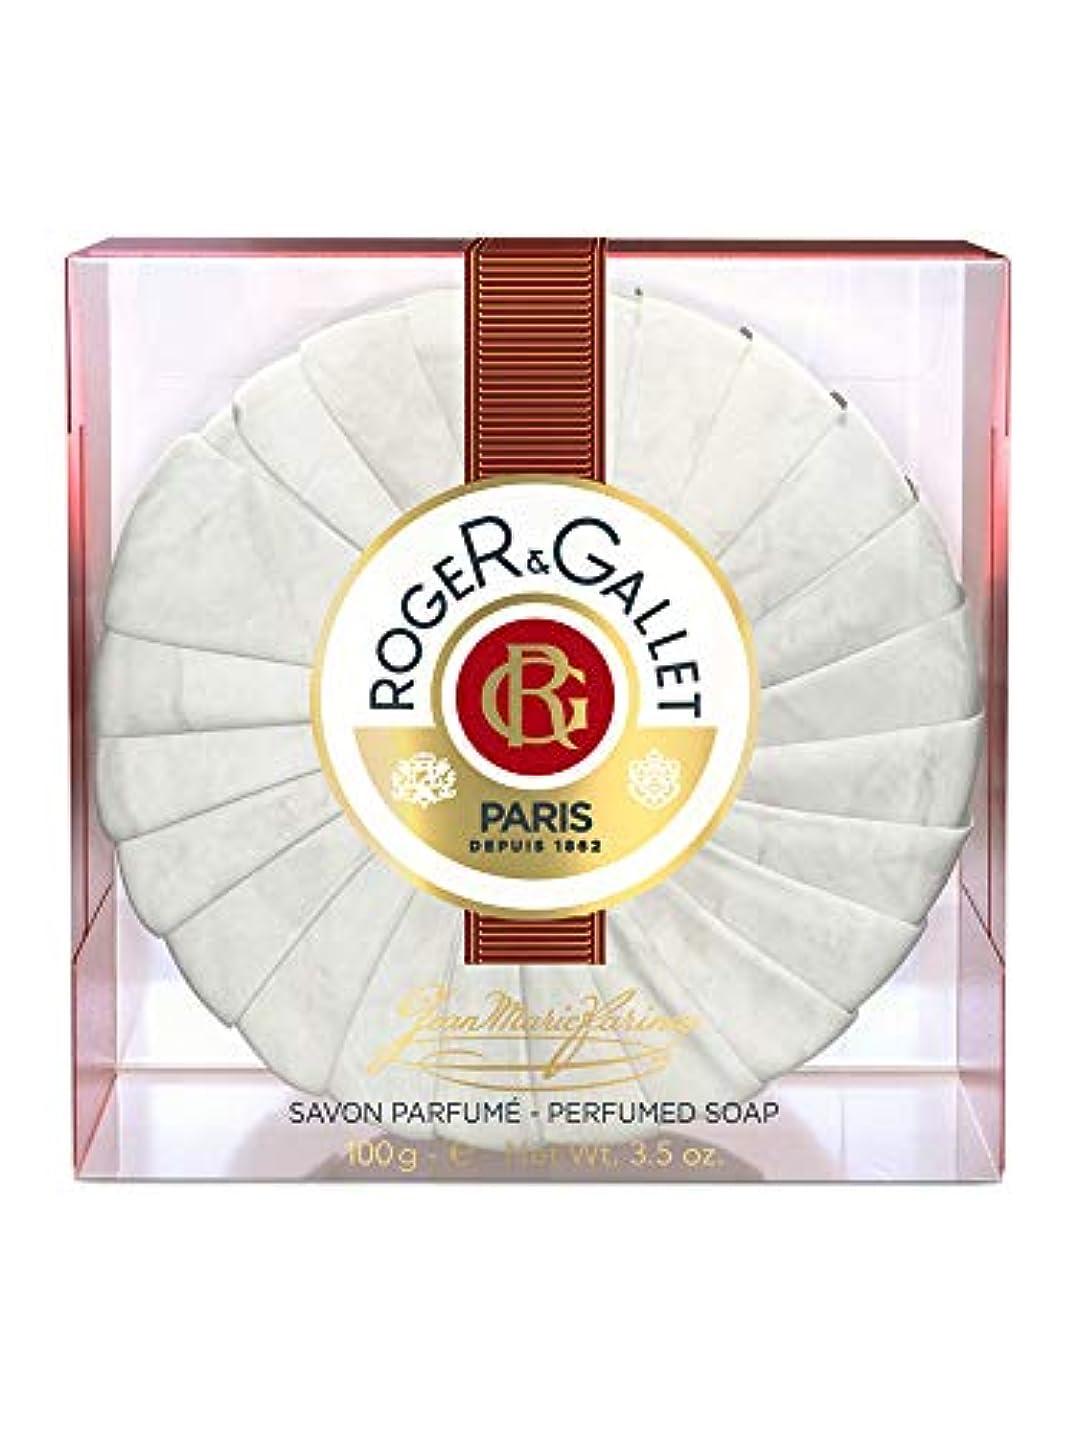 分注する群れ理由ロジェガレ ジャンマリファリナ パフュームソープ (香水石鹸) 100g ROGER&GALLET JEAN MARIE FARINA SOAP(プラスチック簡易ケース入り) [並行輸入品]